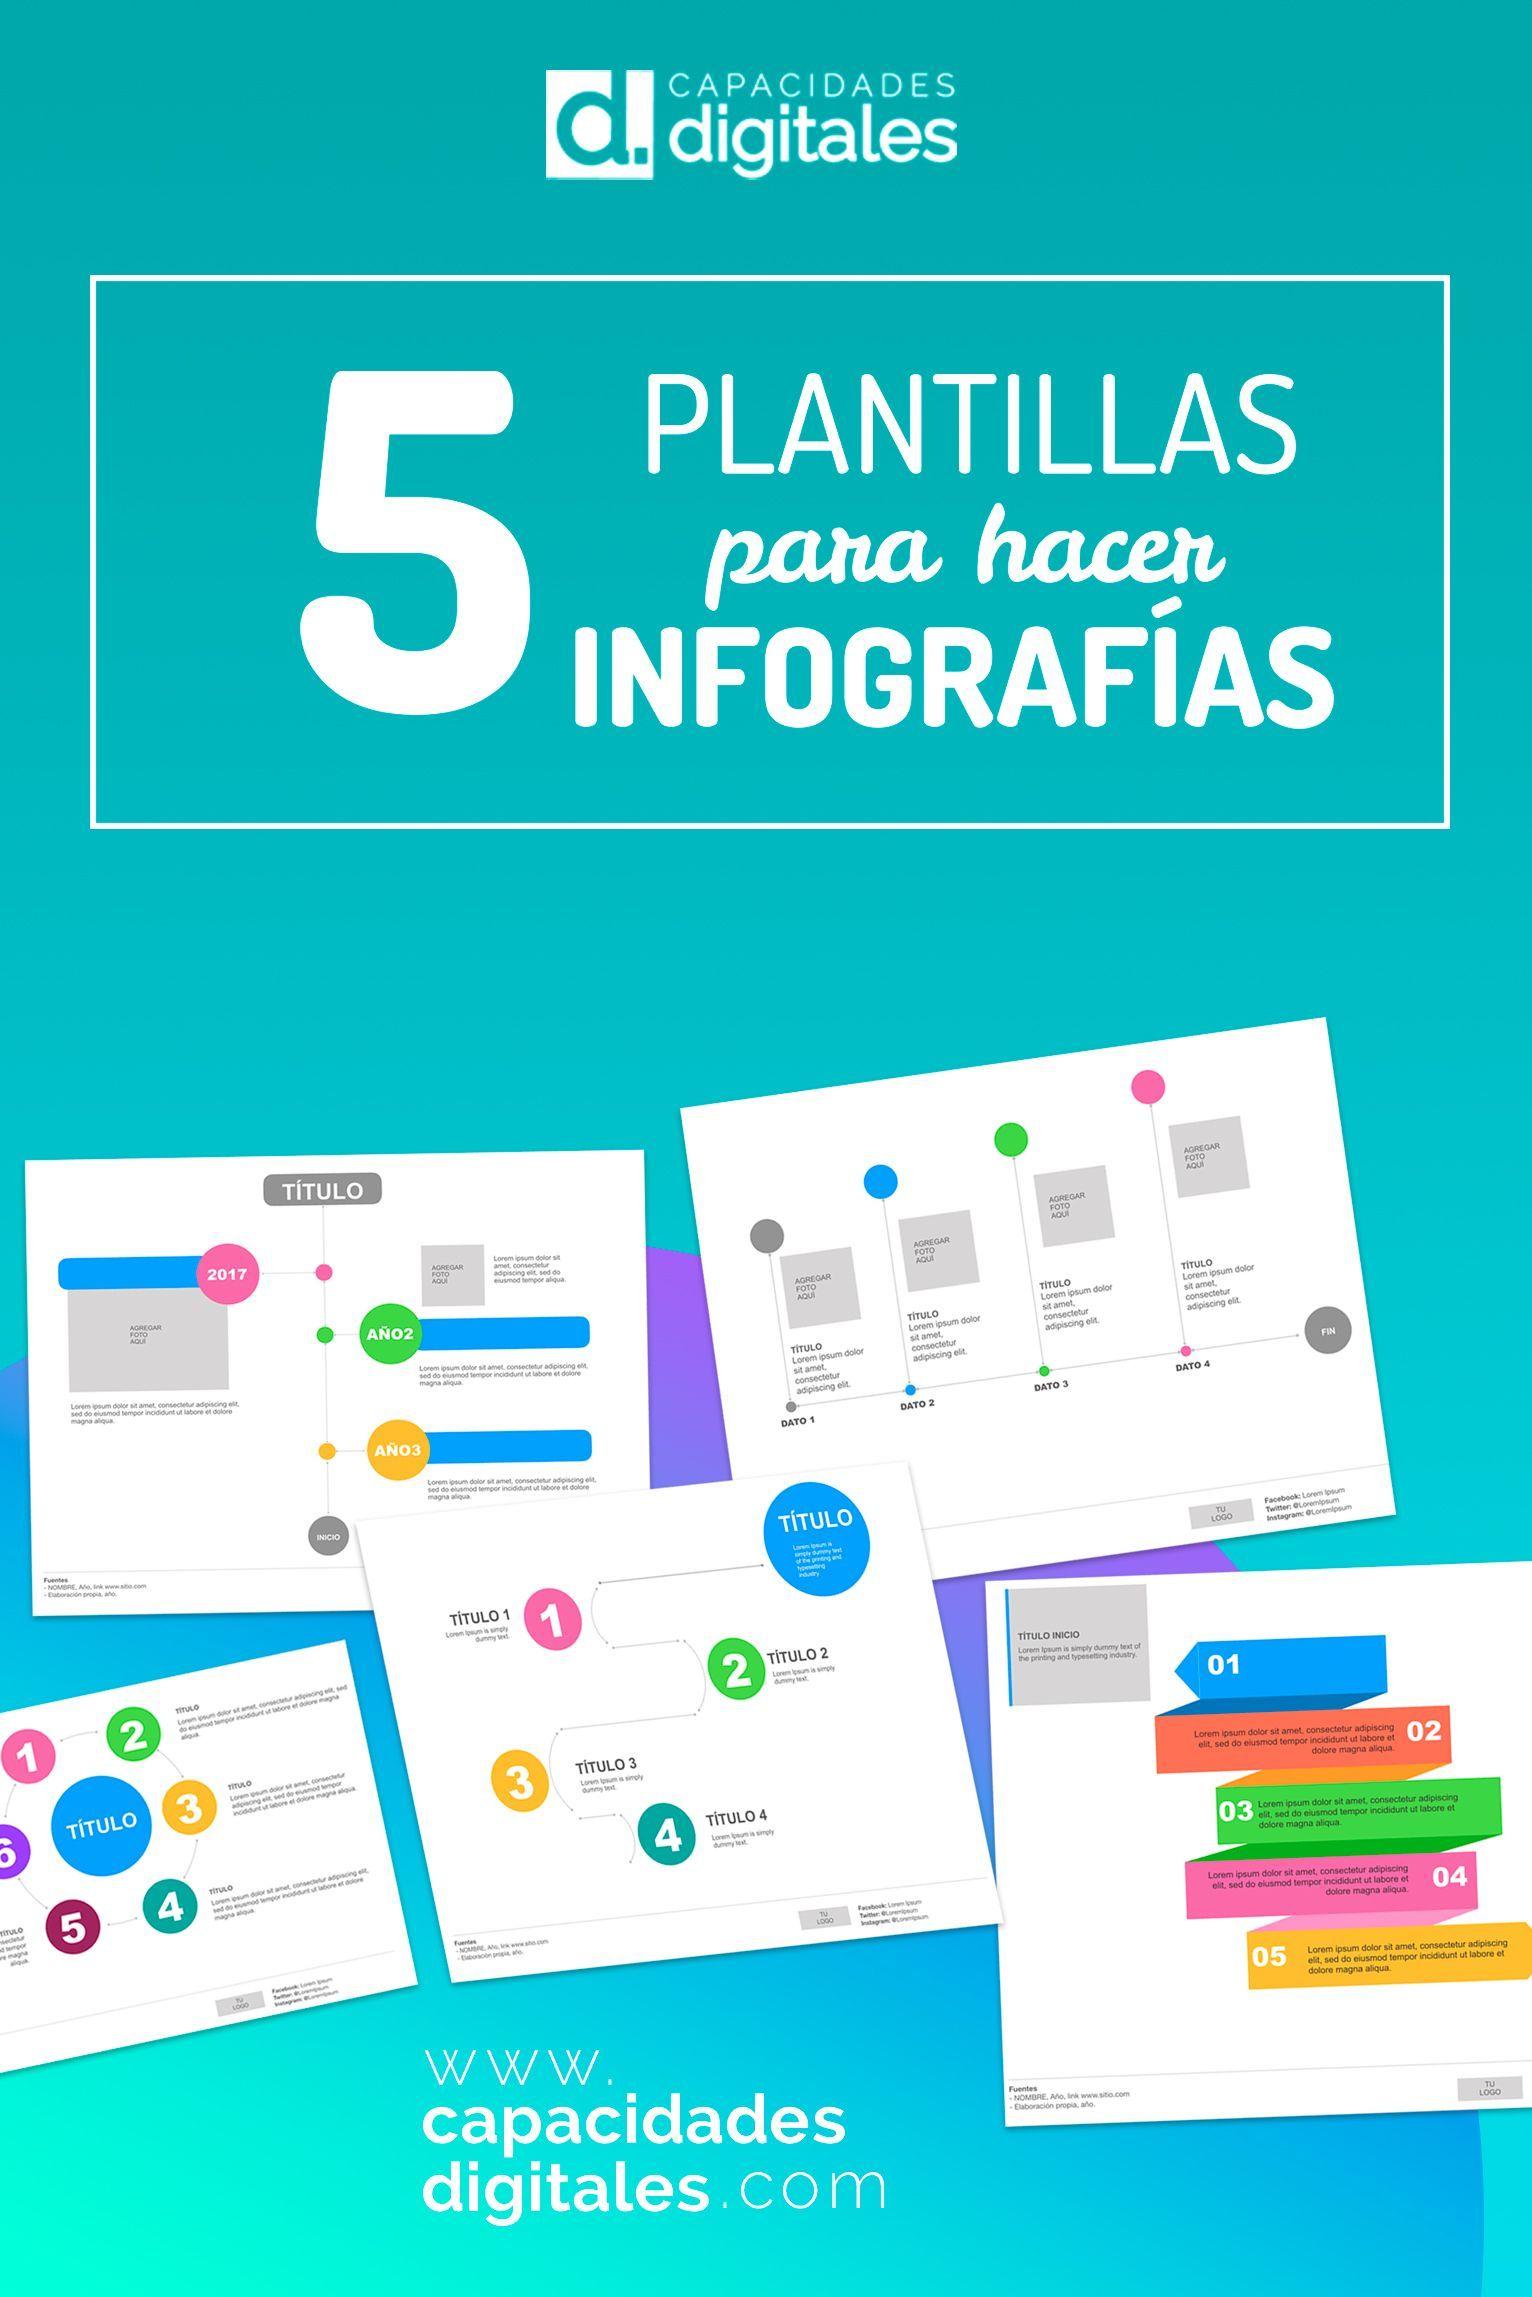 No sabes cómo realizar una infografía? Descarga estas 5 prácticas ...